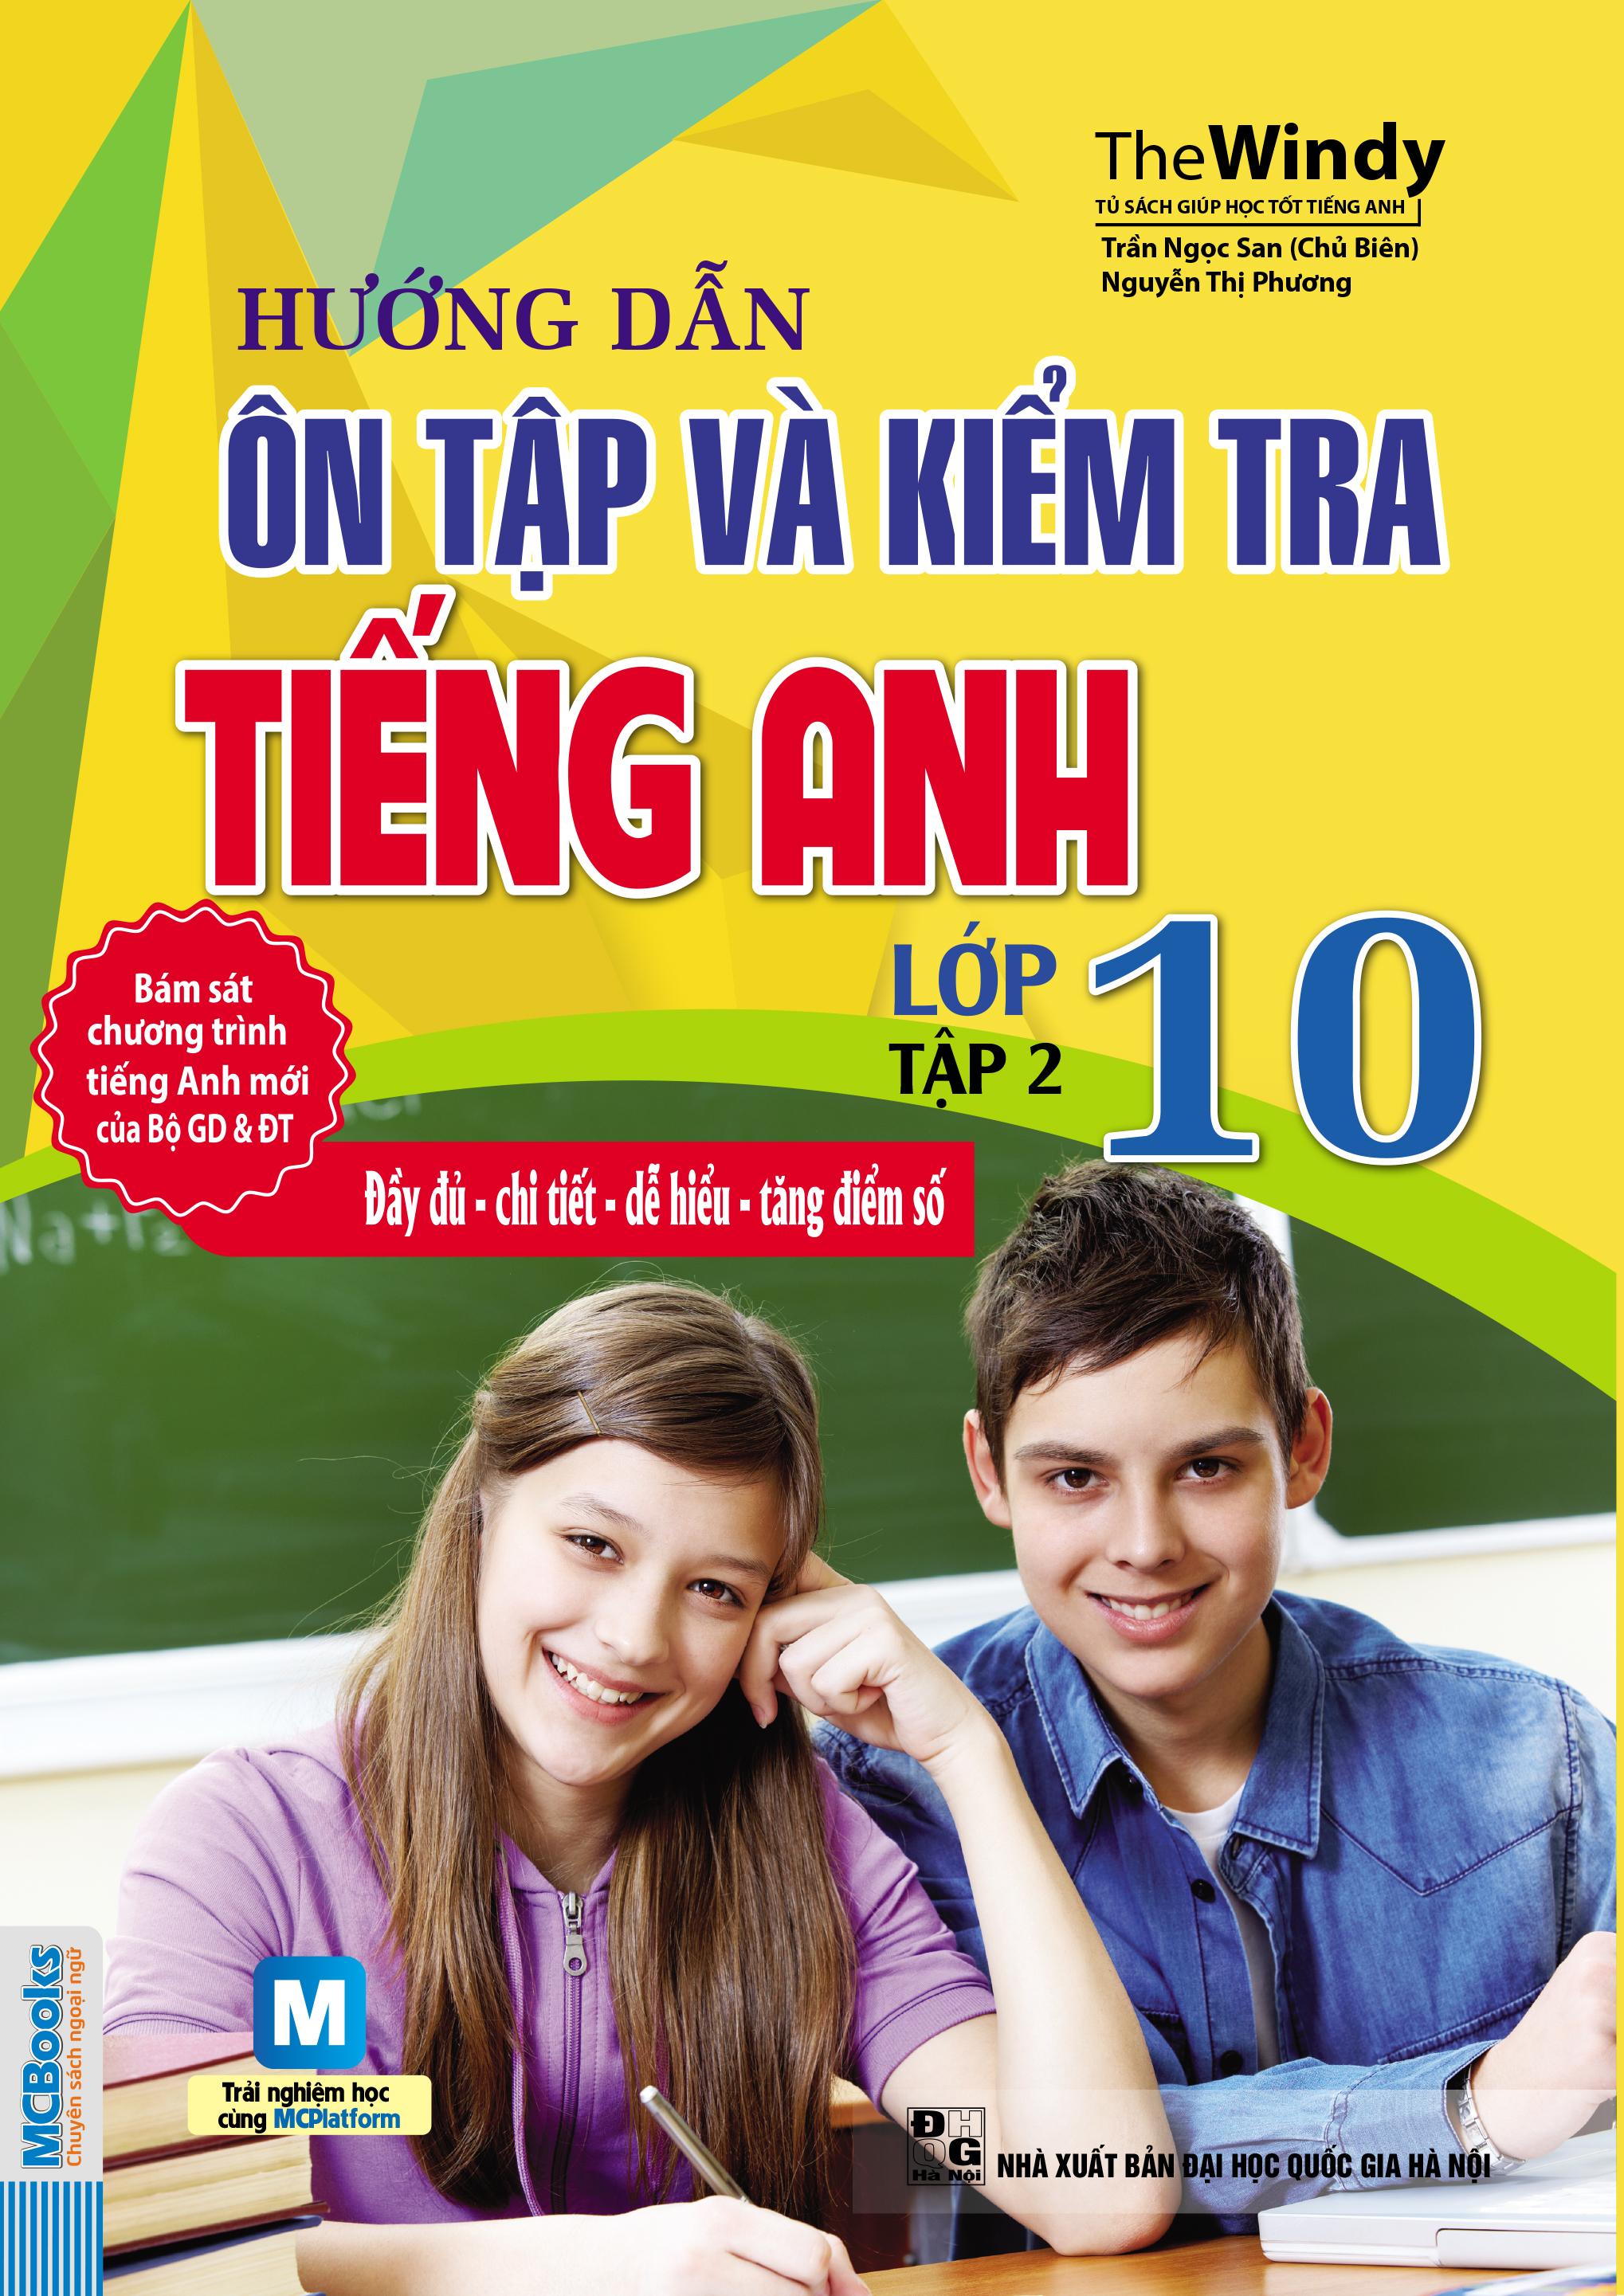 Hướng Dẫn Ôn Tập Và Kiểm Tra Tiếng Anh - Lớp 10 (Tập 2)